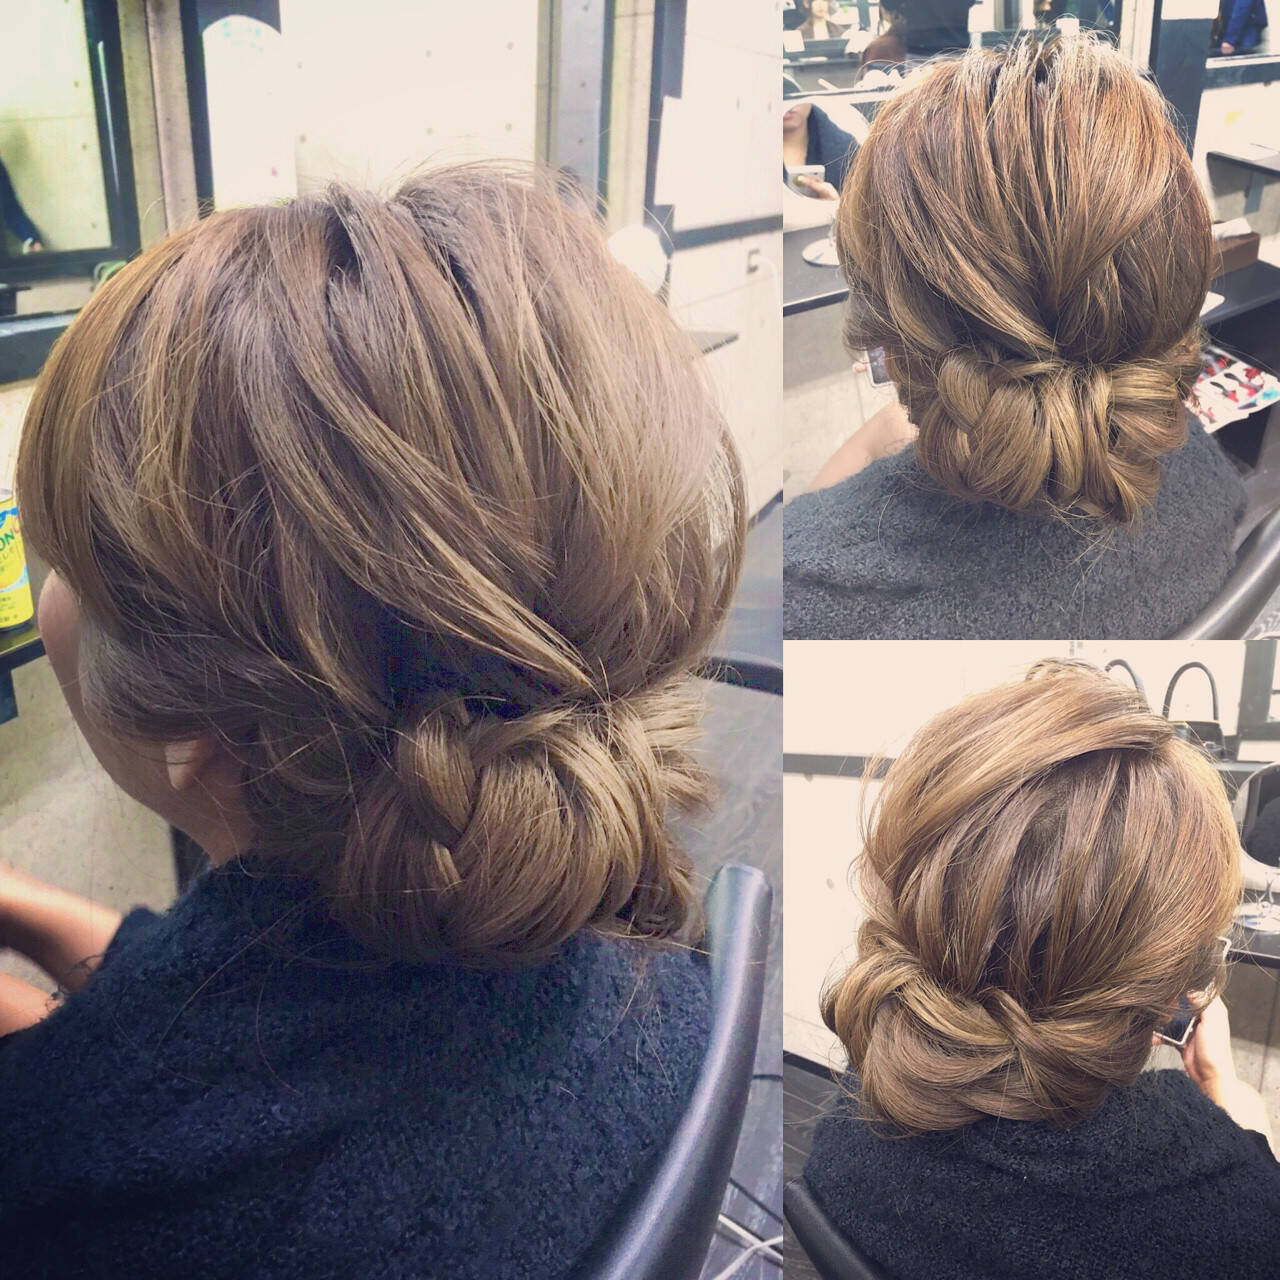 シニヨン 編み込み ミディアム 簡単ヘアアレンジヘアスタイルや髪型の写真・画像